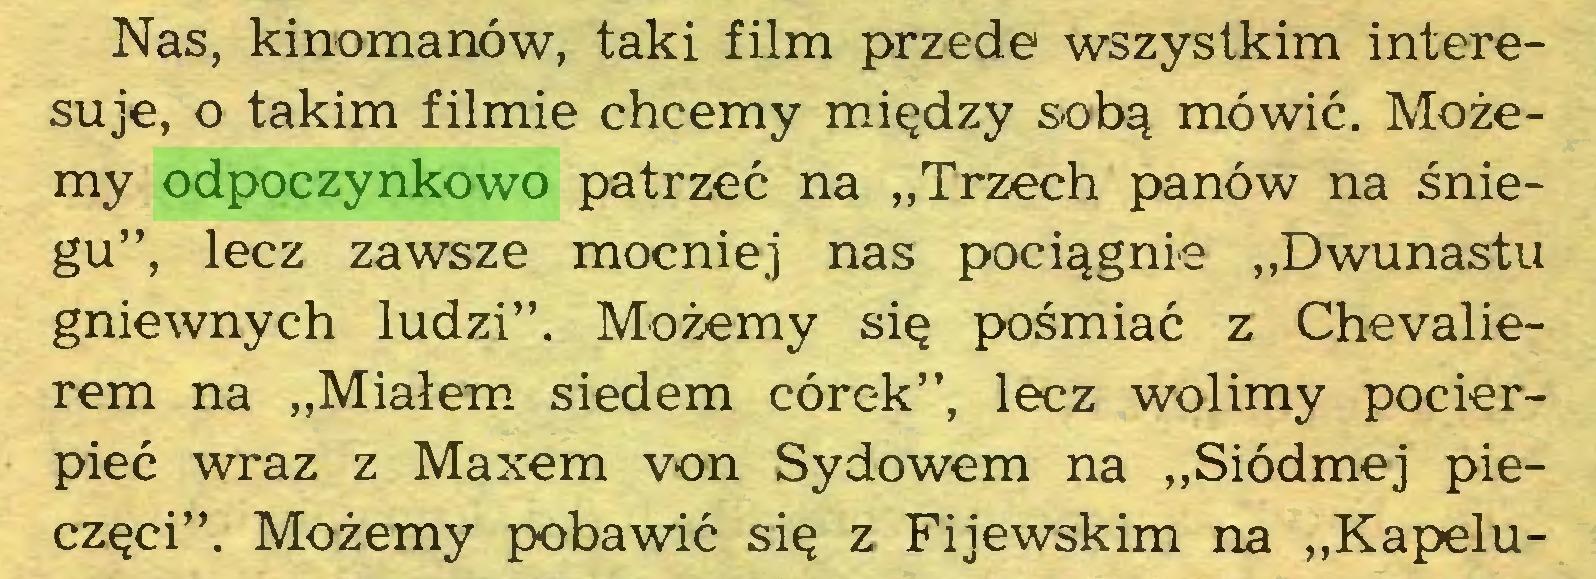 """(...) Nas, kinomanów, taki film przede wszystkim interesuje, o takim filmie chcemy między sobą mówić. Możemy odpoczynkowo patrzeć na """"Trzech panów na śniegu"""", lecz zawsze mocniej nas pociągnie """"Dwunastu gniewnych ludzi"""". Możemy się pośmiać z Chevalierem na """"Miałem siedem córek"""", lecz wolimy pocierpieć wraz z Maxem von Sydowem na """"Siódmej pieczęci"""". Możemy pobawić się z Fijewskim na """"Kapelu..."""